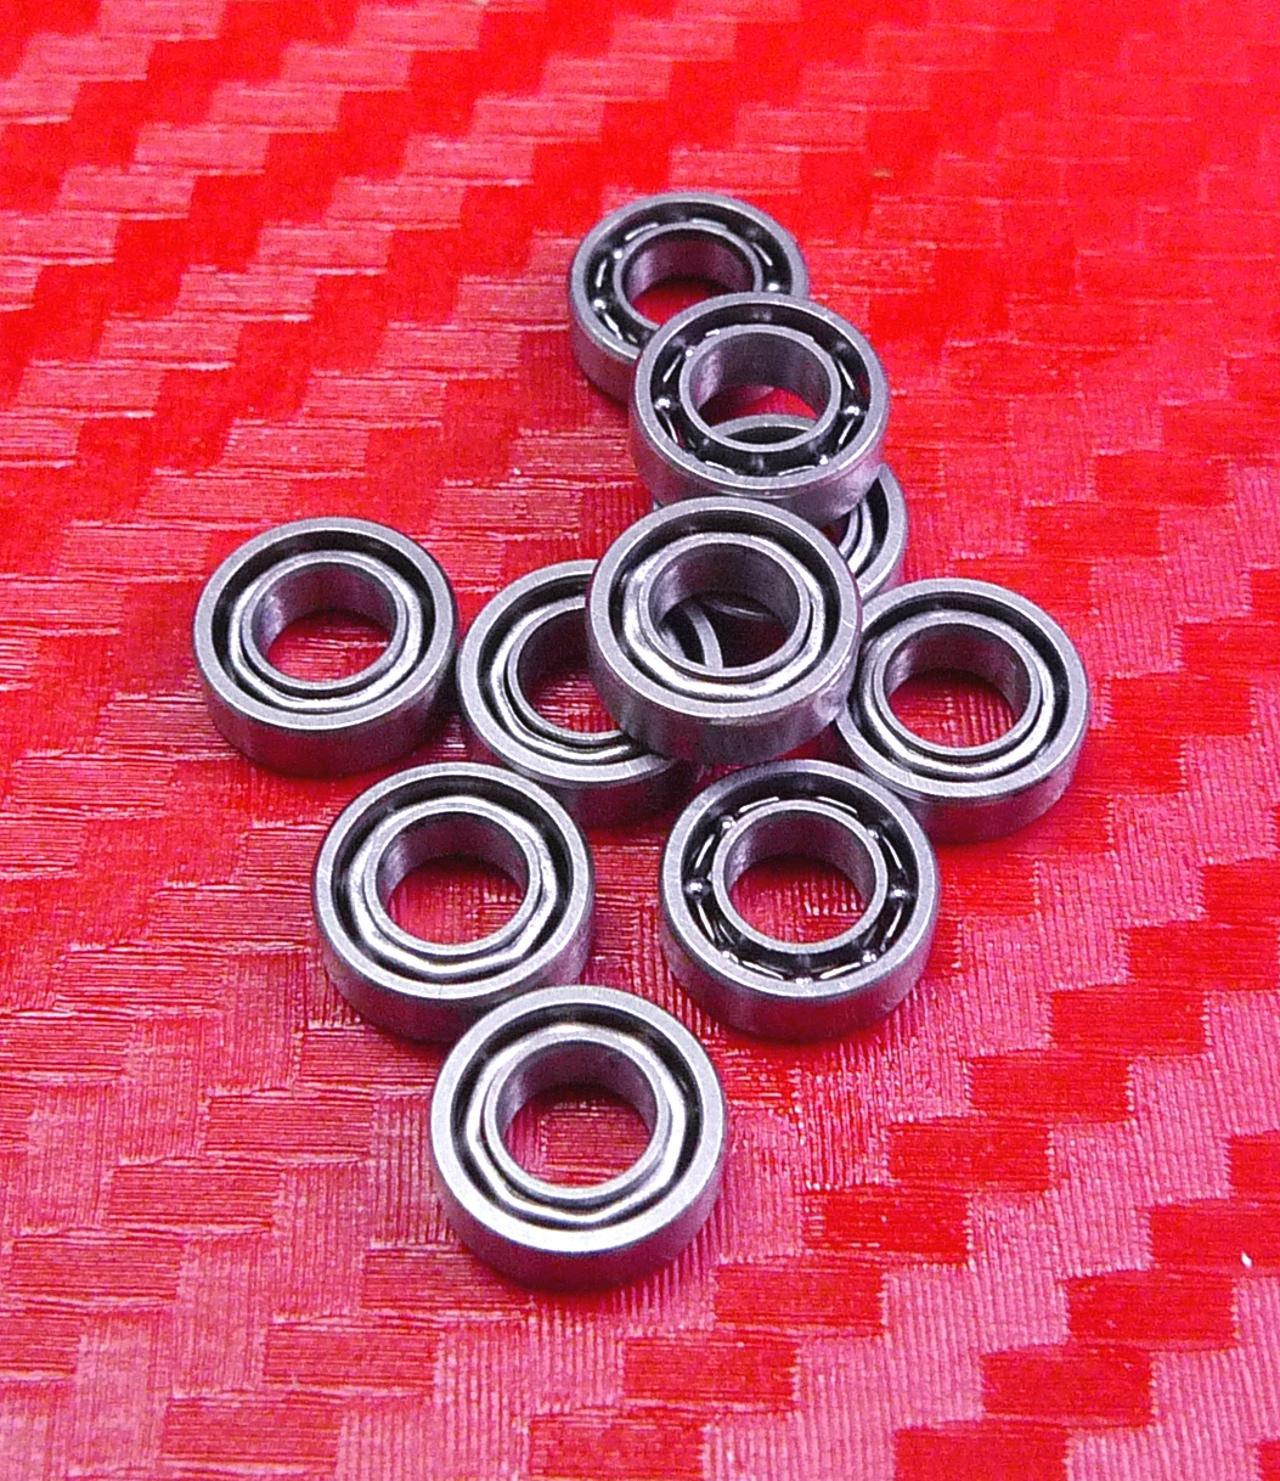 1.5x4x1.2mm Metric OPEN Ball Bearing 1.5*4*1.2 Free Shipping 10pc 681X